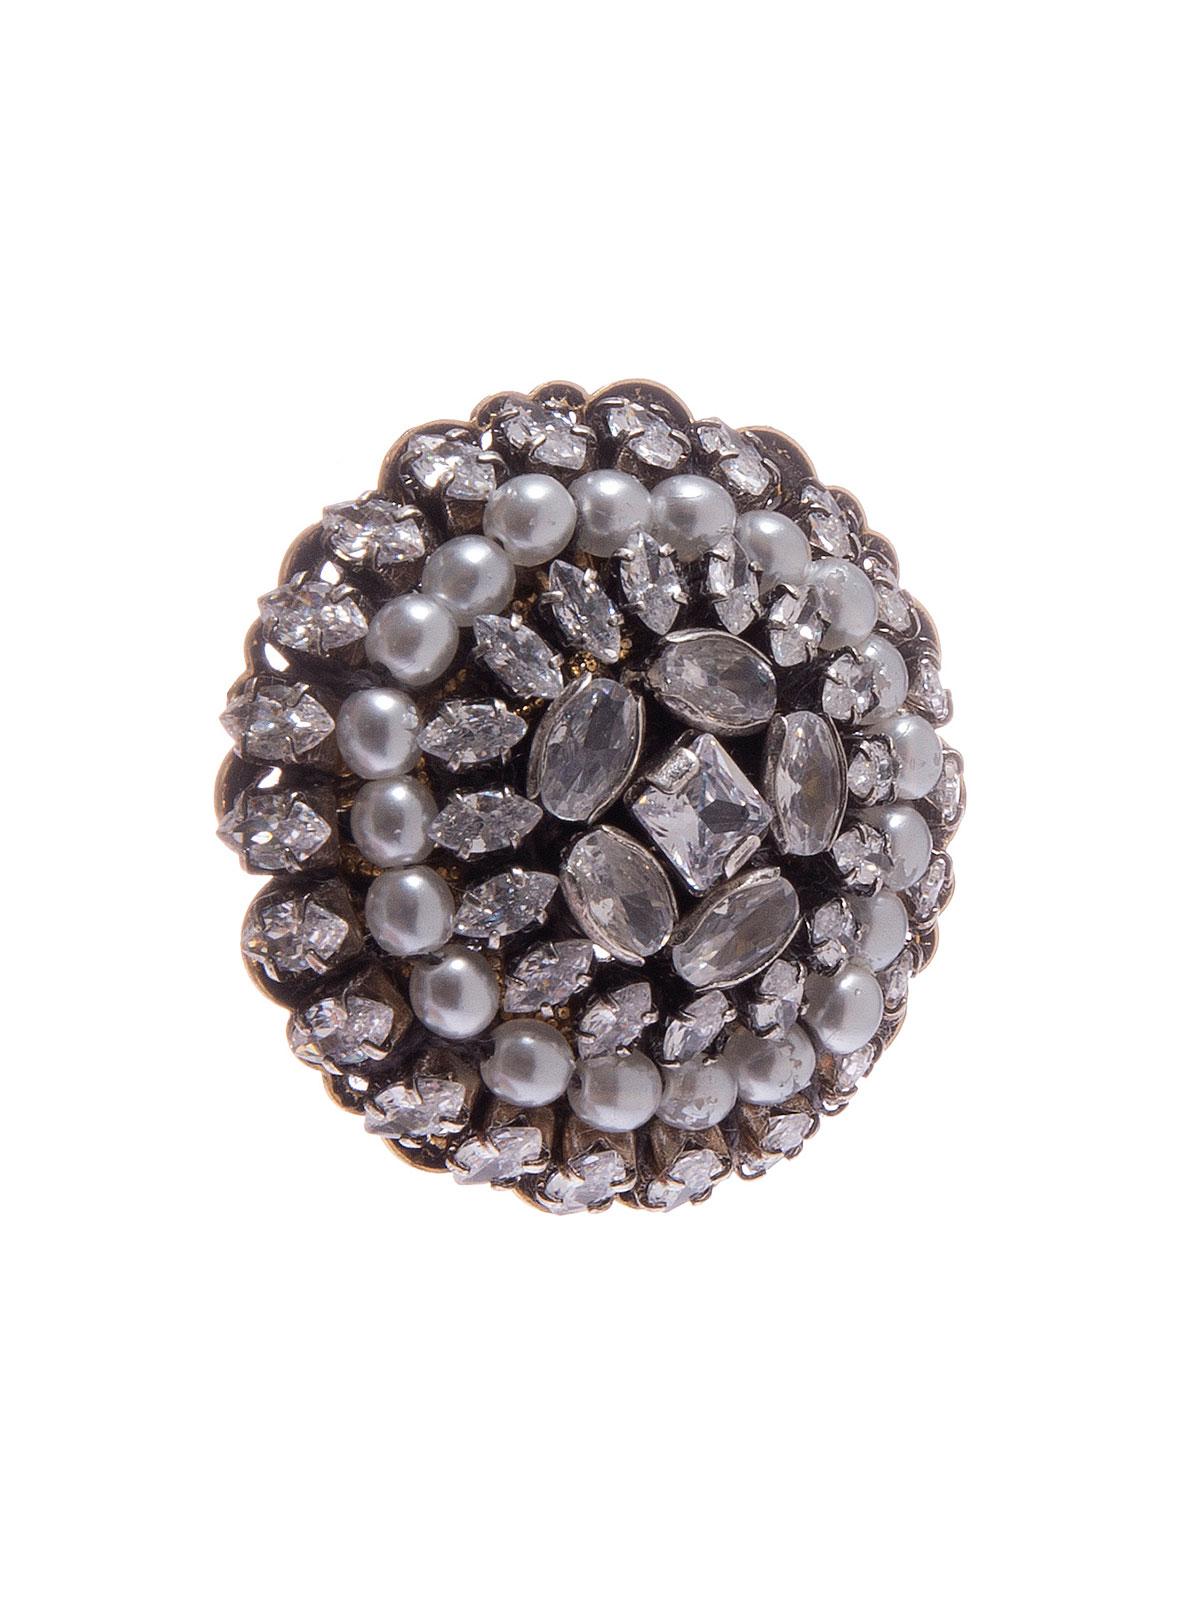 Orecchini tondi ricamati con pietre miste cristallo